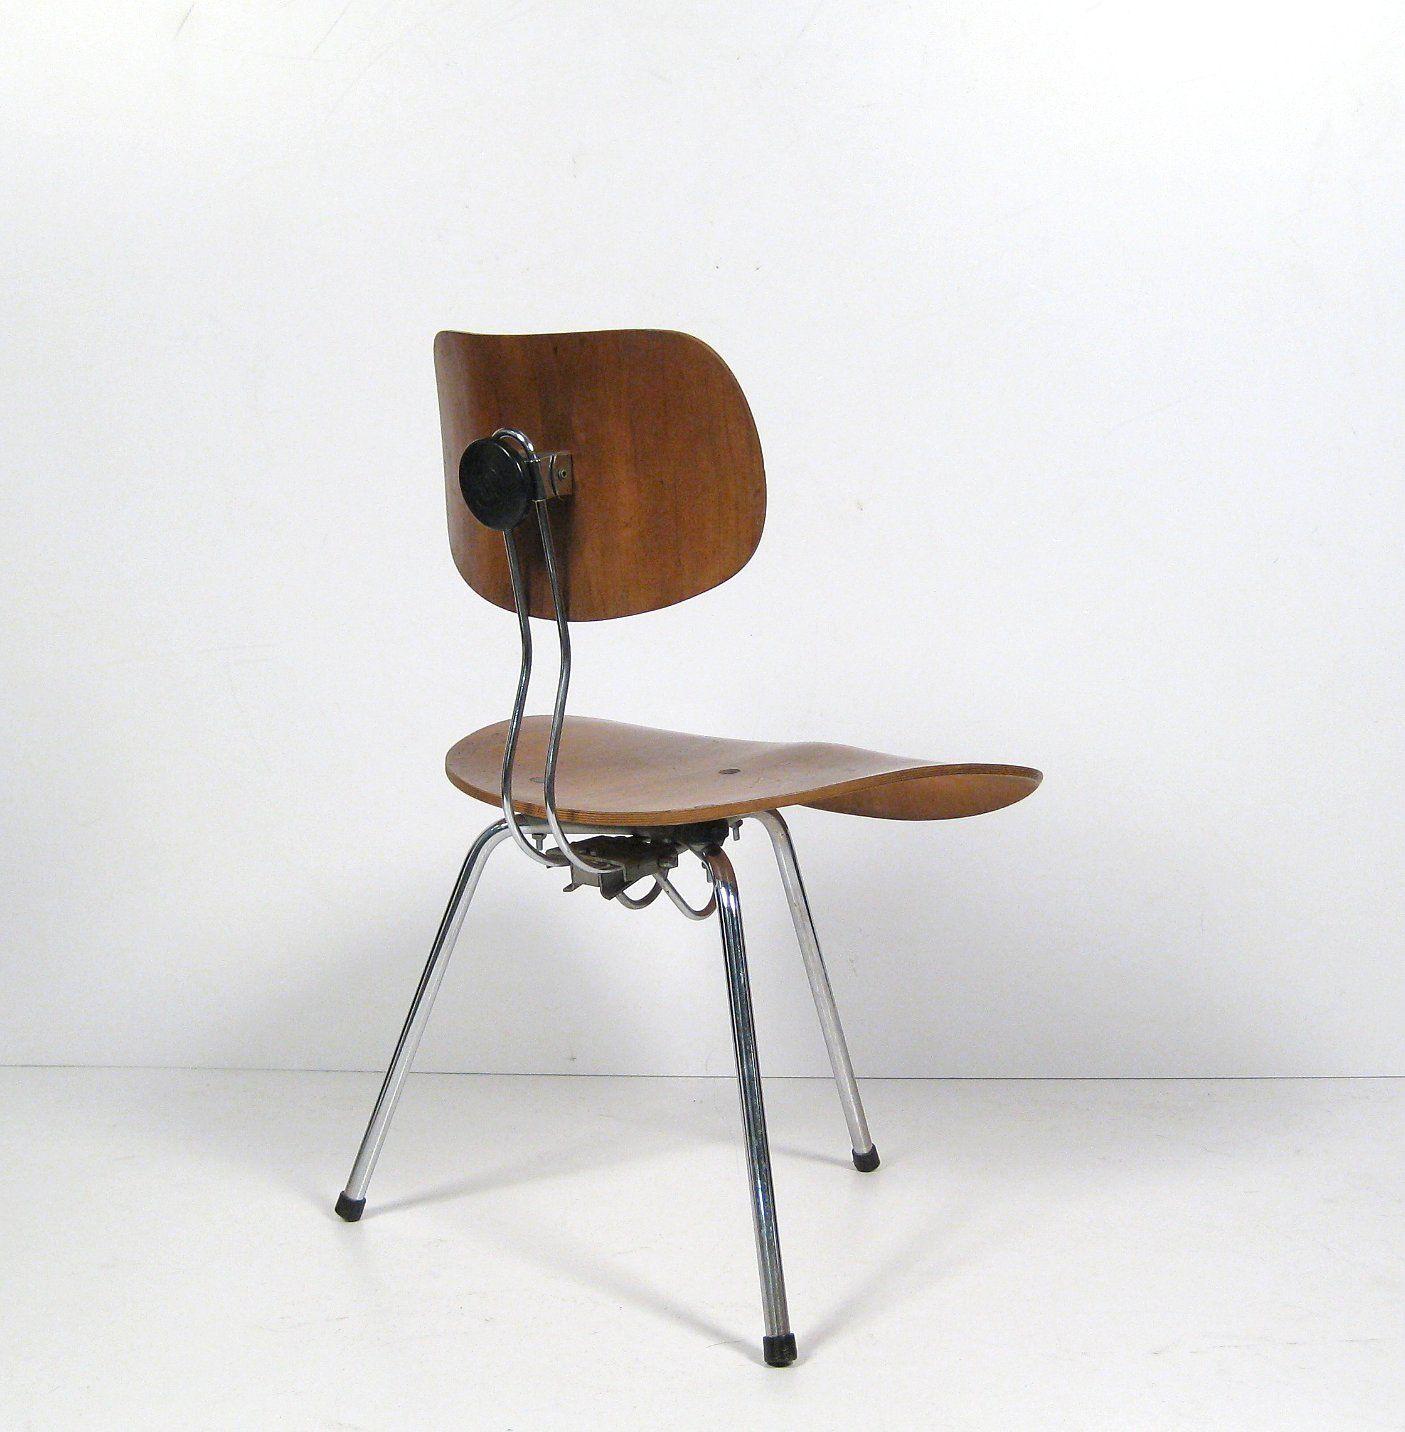 Großzügig 1950 S Chrom Küchenstühle Galerie - Küchenschrank Ideen ...